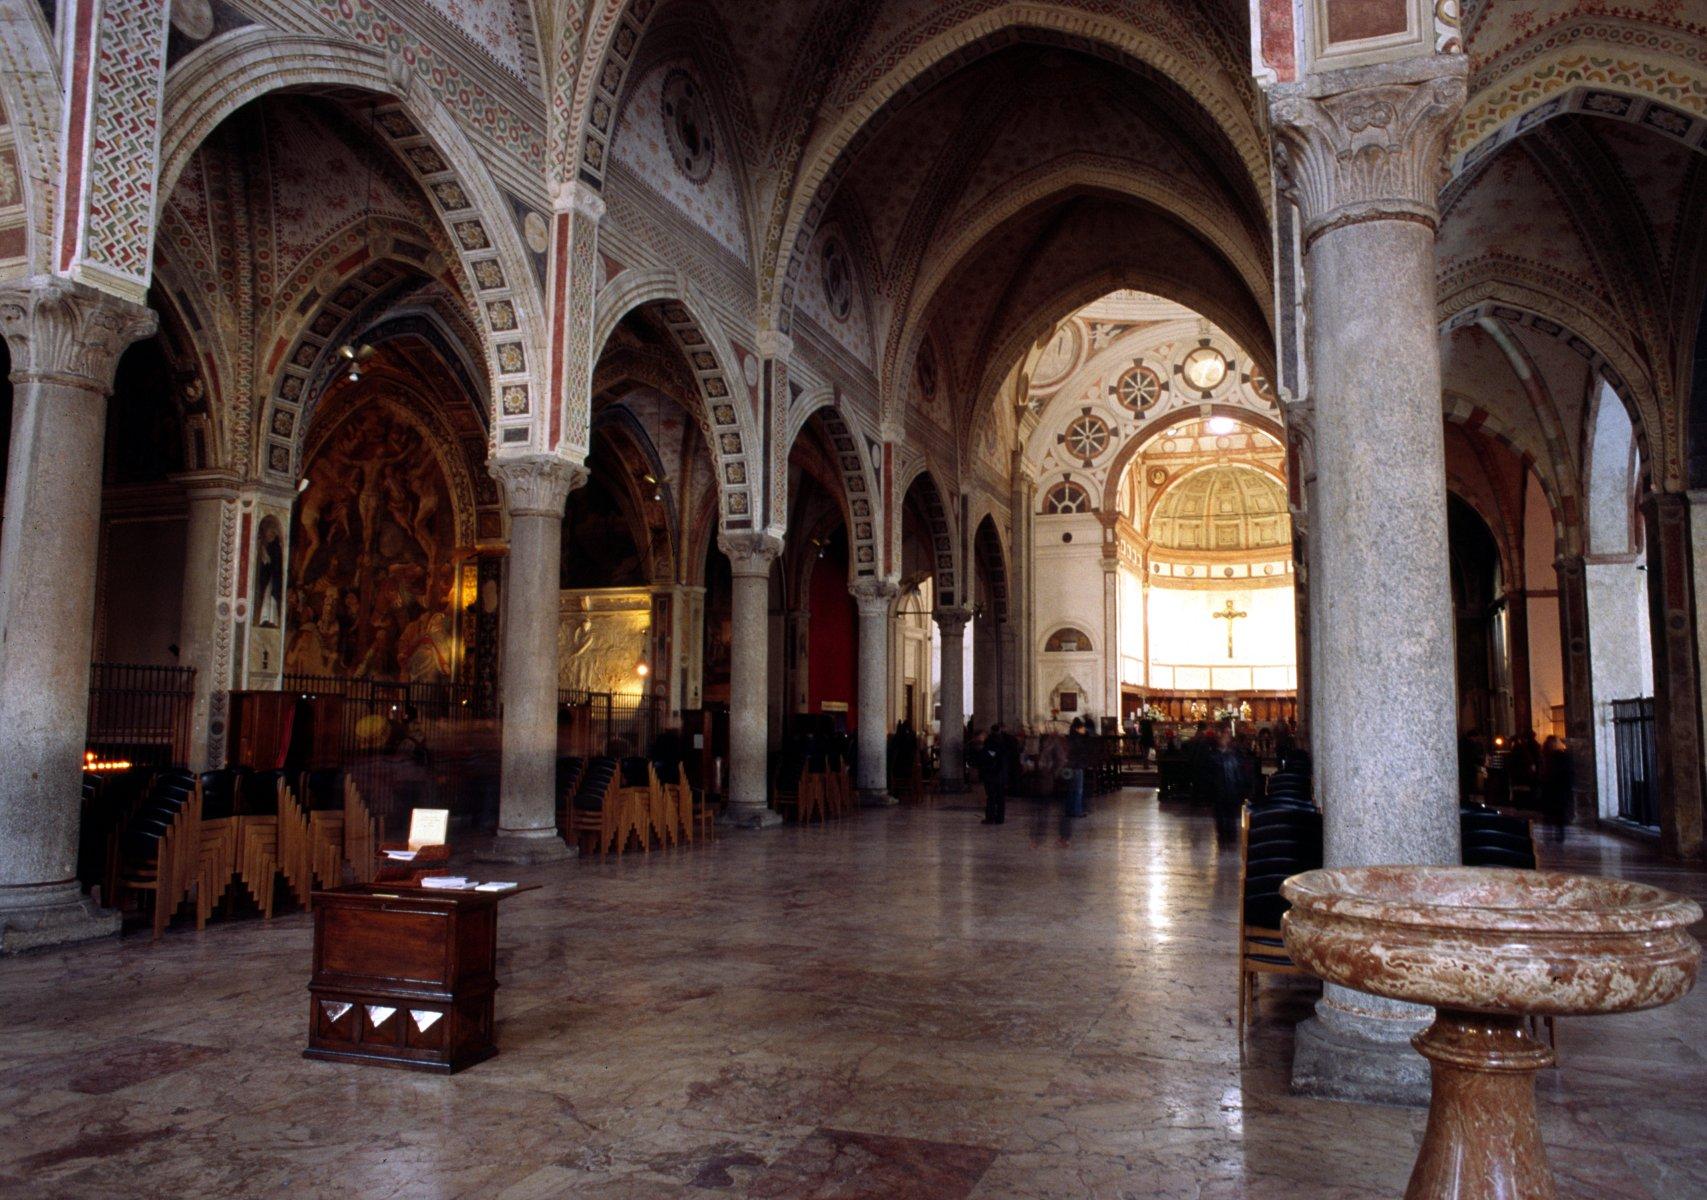 Santa_Maria_delle_Grazie_interior